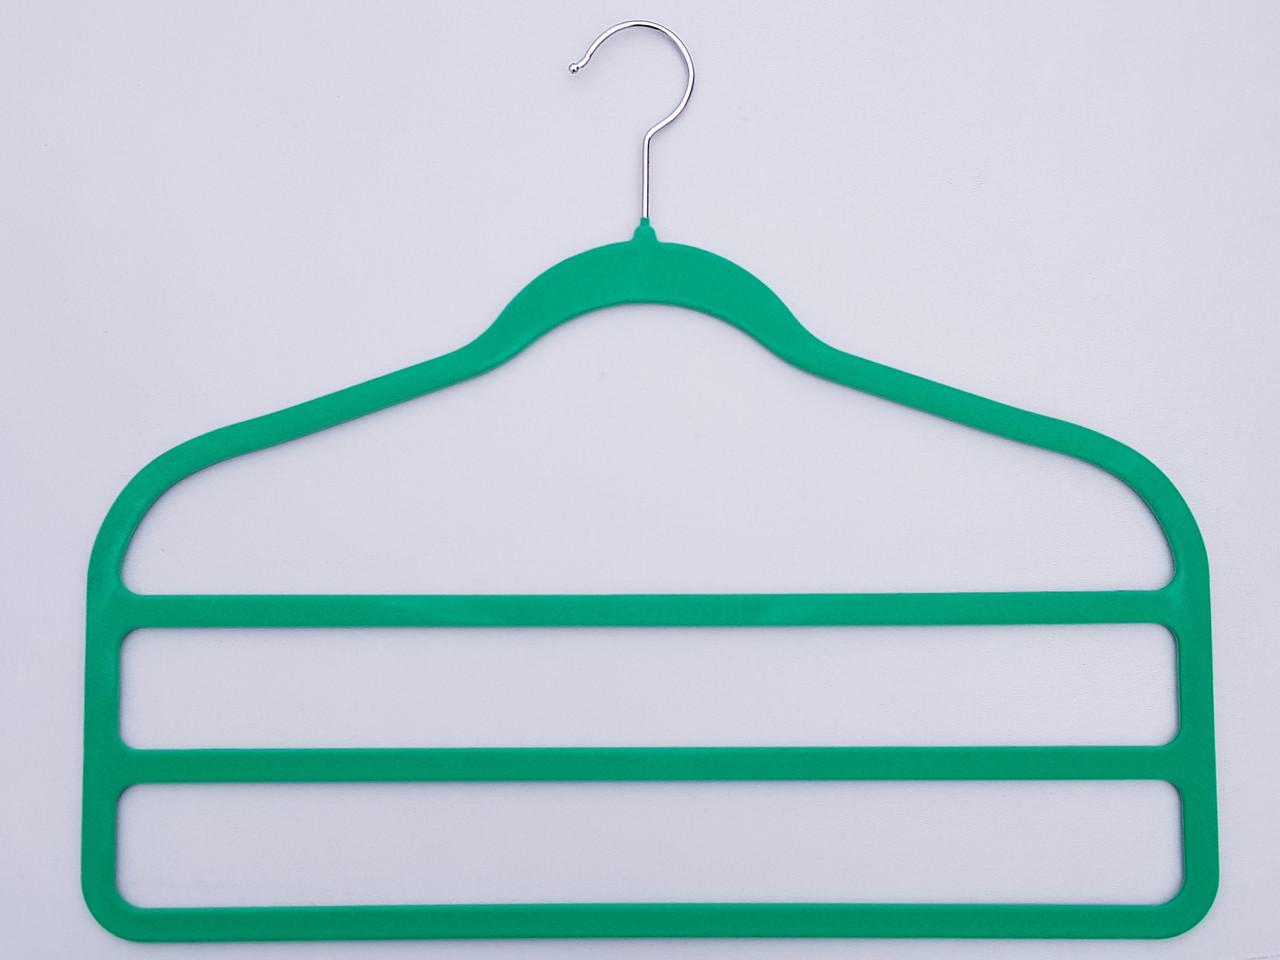 Плічка для штанів флокированные зеленого кольору драбина 3-х ярусна, довжина 45 см